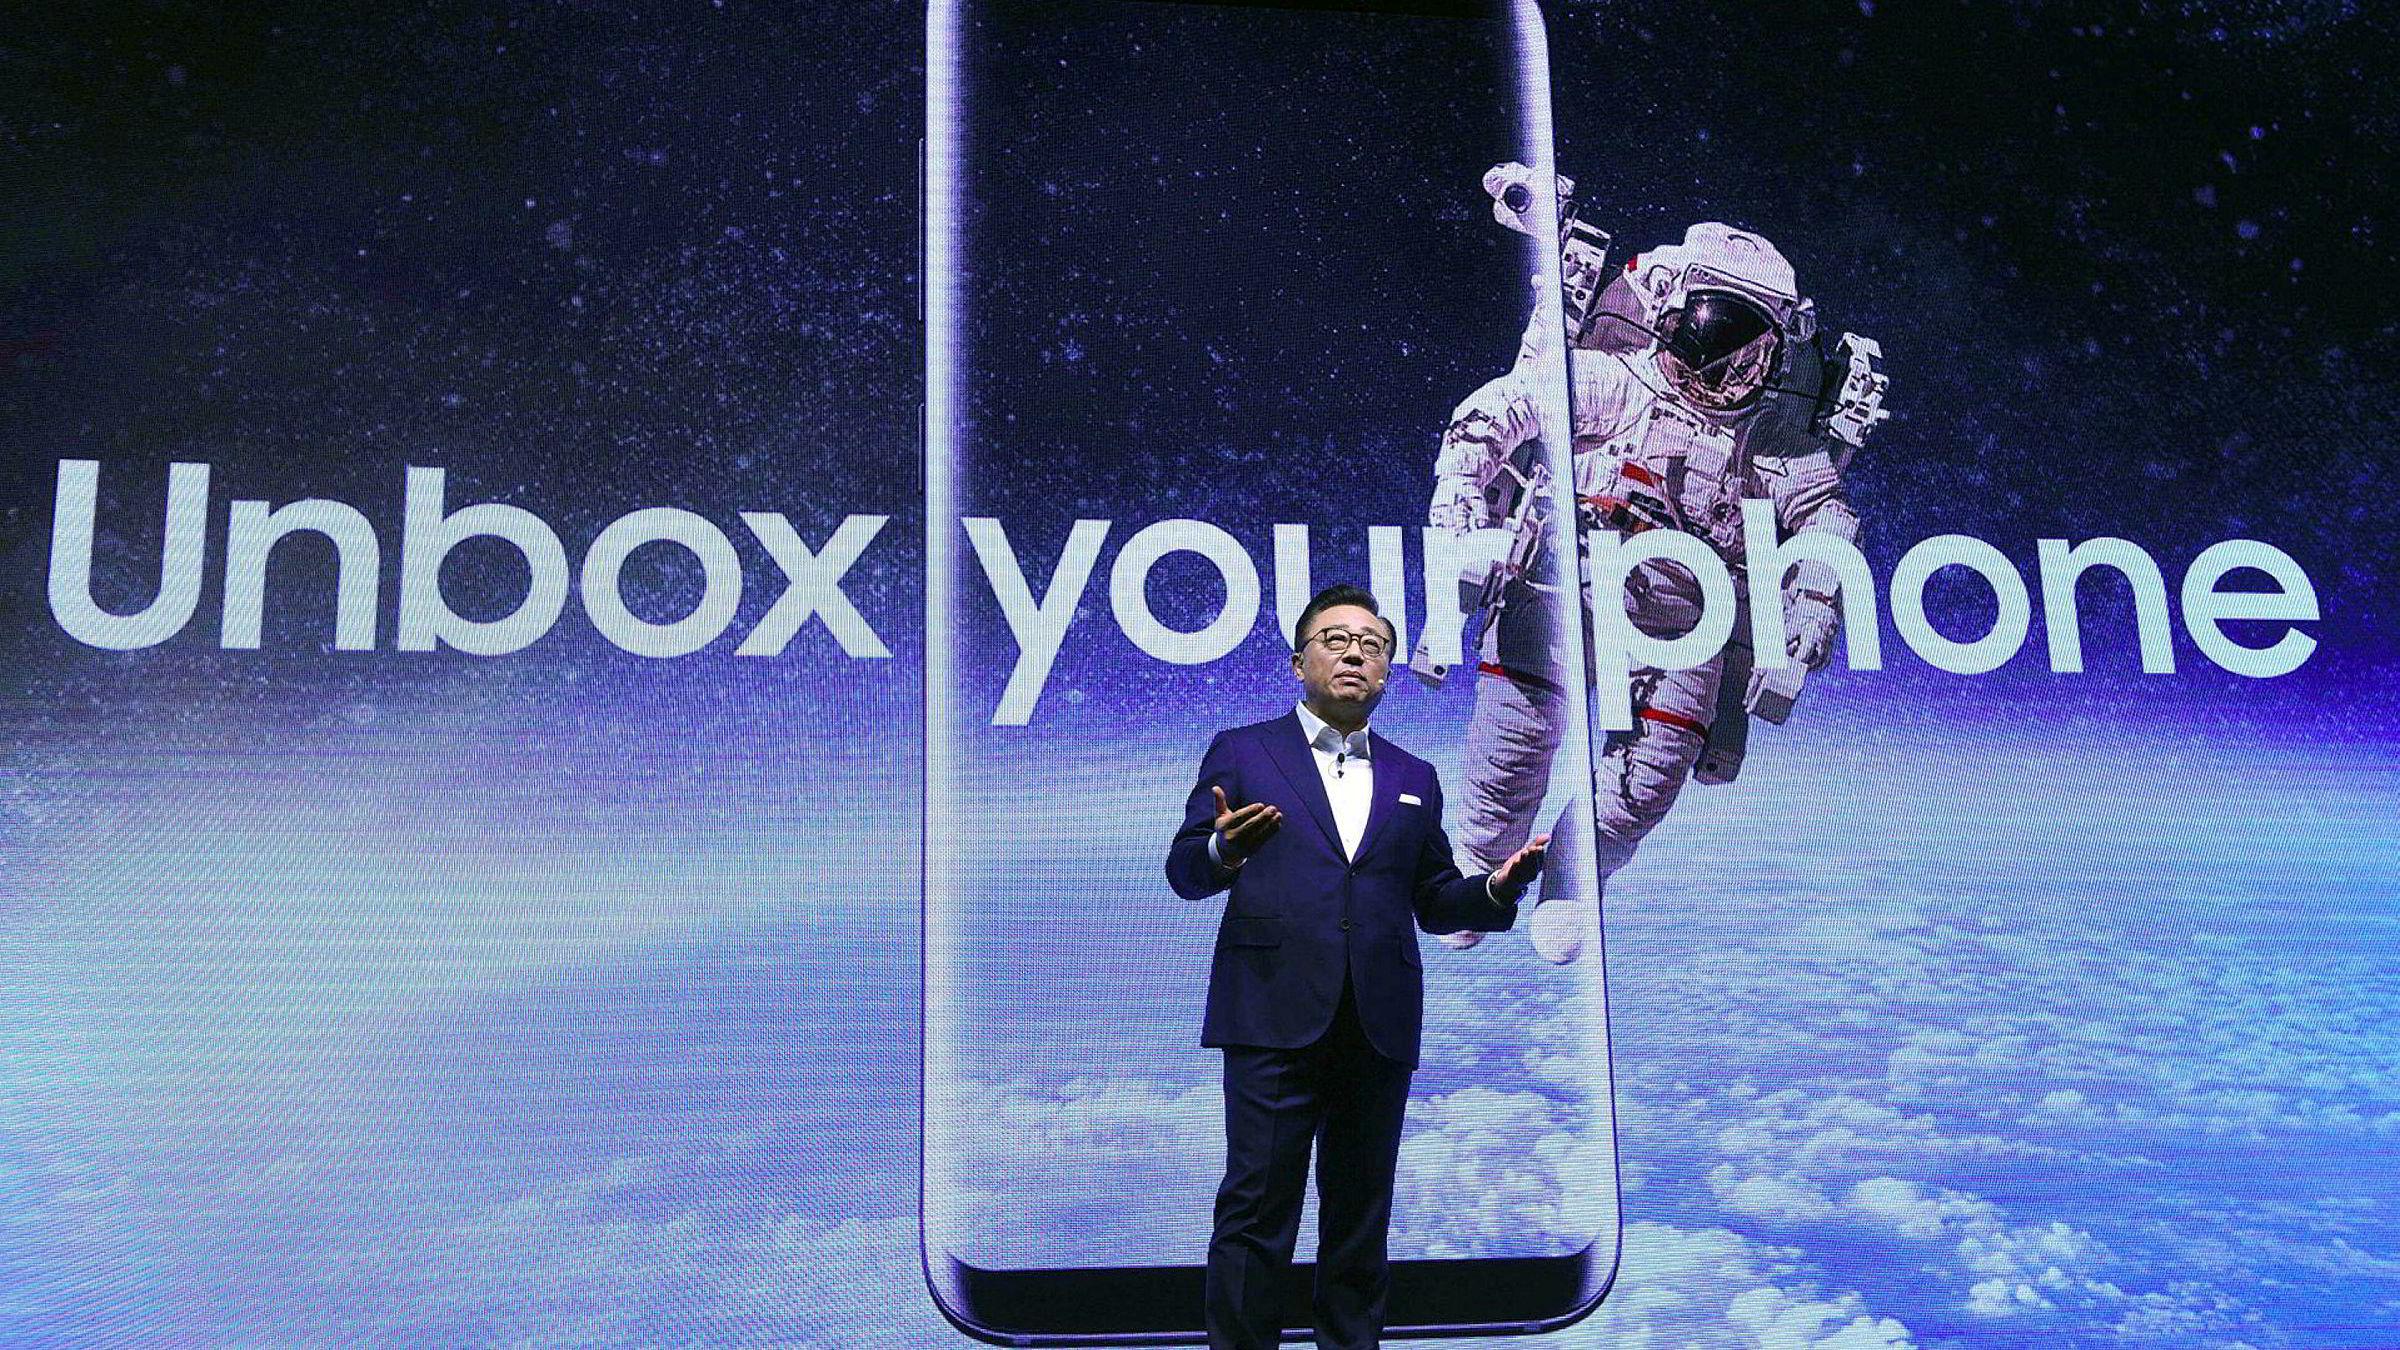 Arkivbilde. DJ Koh, leder av Samsungs mobilvirksomhet avduker Samsung Galaxy S8. Note 8 antas å bygge på S8 designmessig, men med enda heftigere spesifikasjoner.